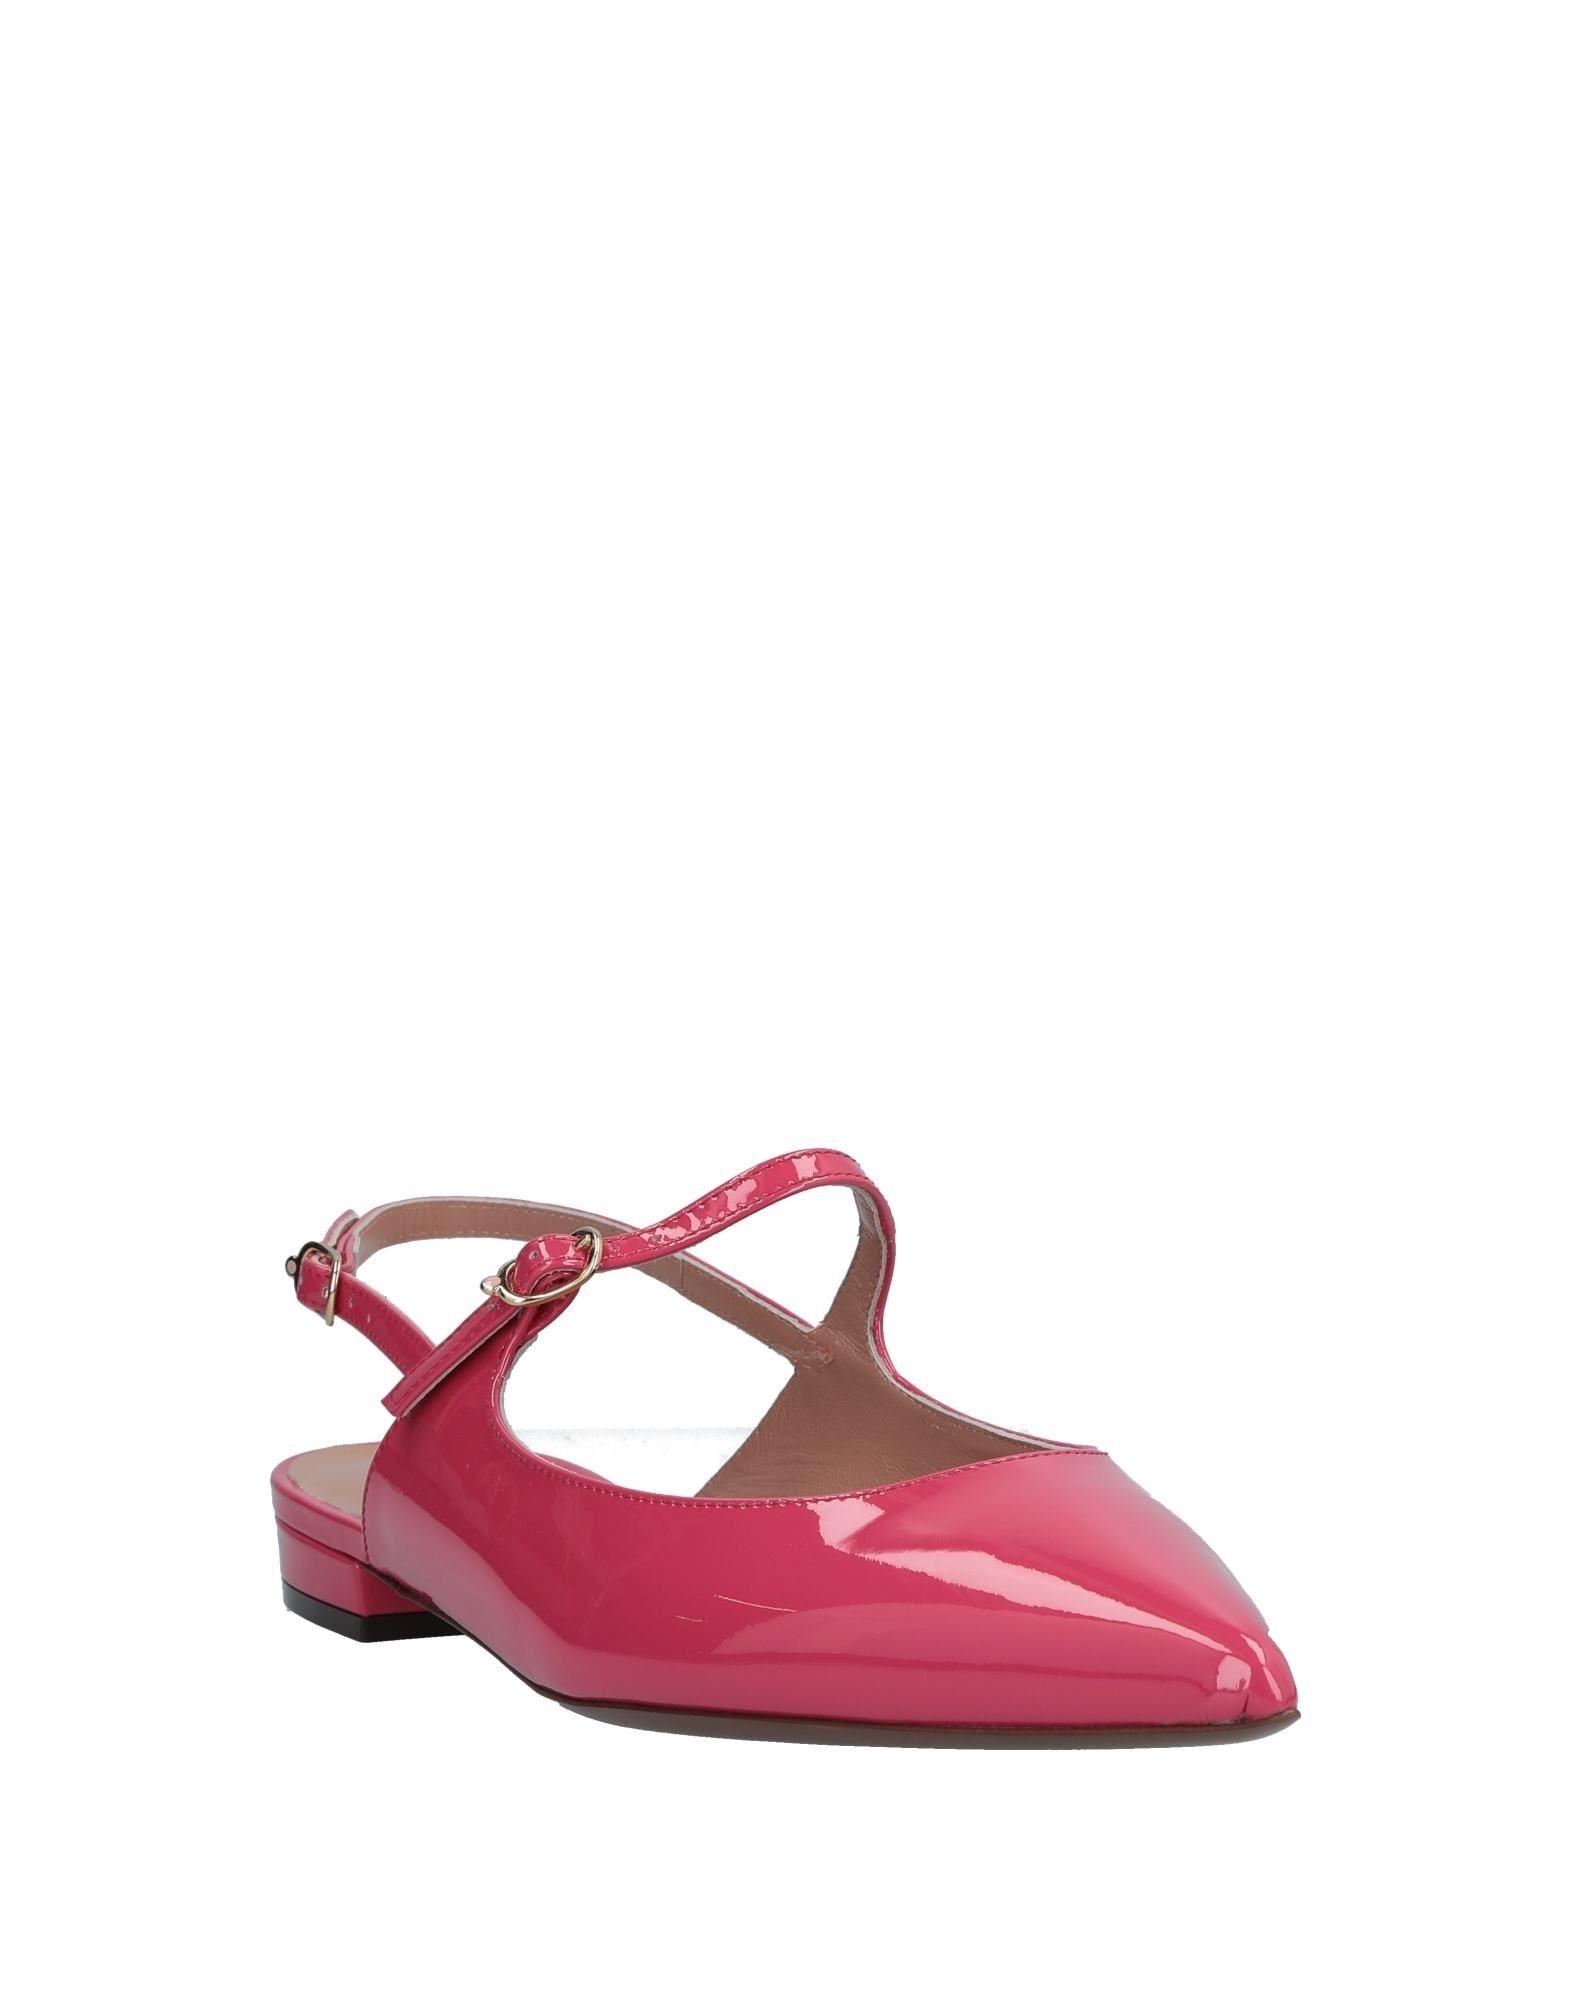 L' Autre Damen Chose Ballerinas Damen Autre  11529773HU Neue Schuhe a949d6